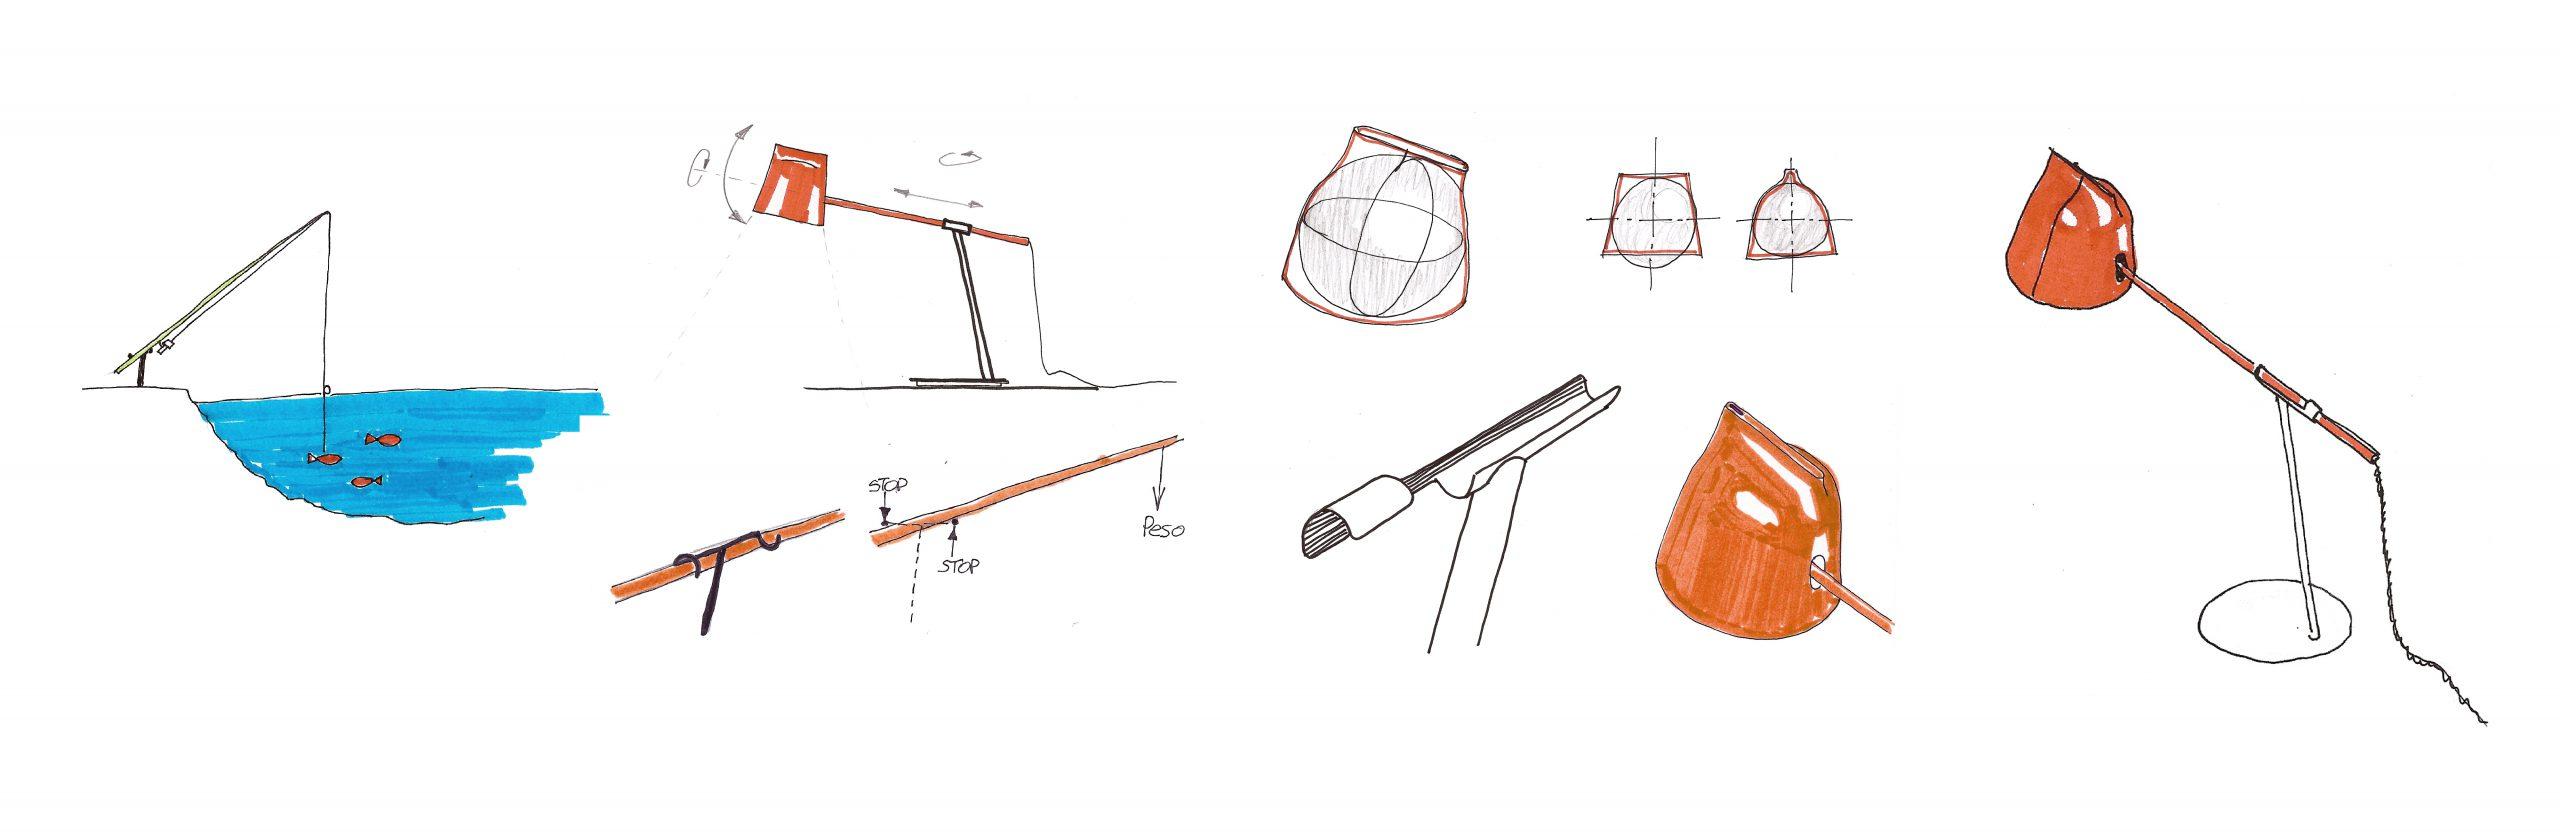 Sketch of Momento lamp designed by Daniel Debiasi and Federico Sandri